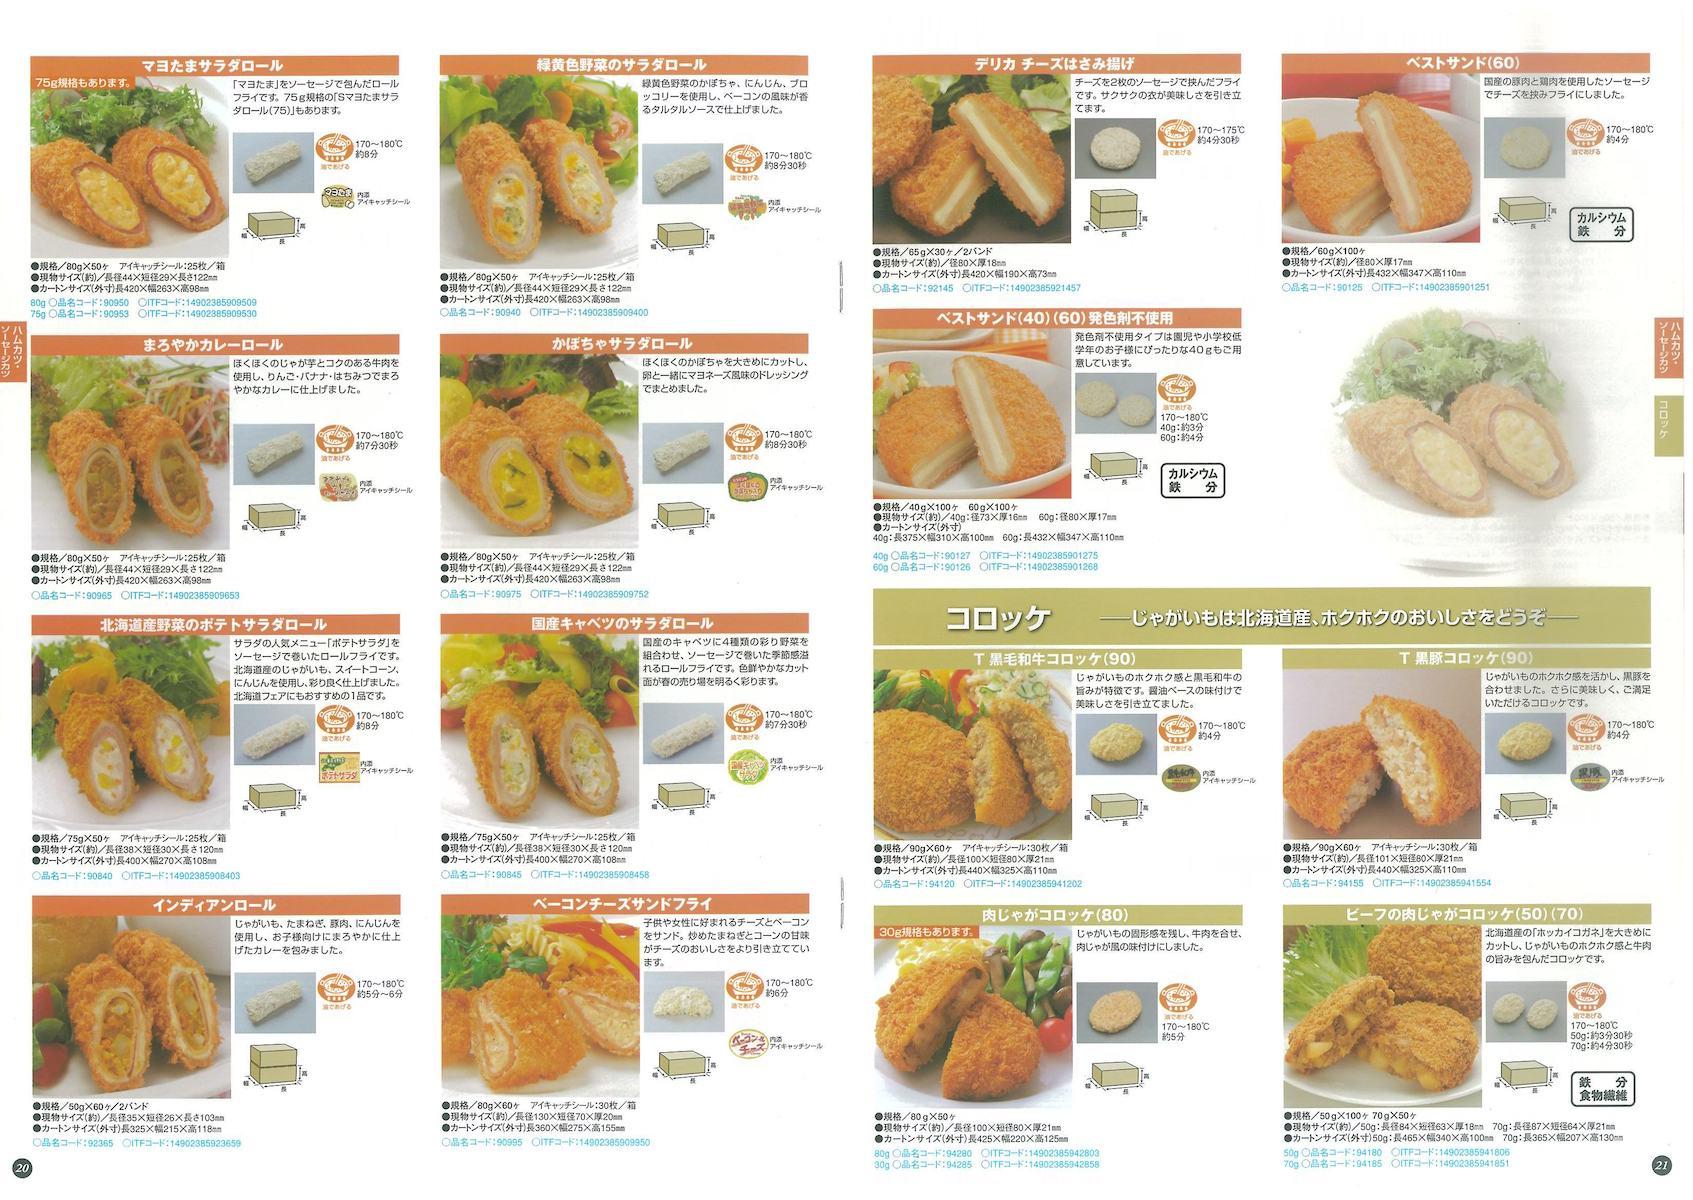 日東ベスト マヨたまサラダロール 緑黄色野菜のサラダロール まろやかカレーロール かぼちゃサラダロール 北海道産野菜のポテトロール 国産キャベツのサラダロール インディアンロール ベーコンチーズサンドフライ デリカチーズはさみ揚げ ベストサンド(60) ベストサンド(40)(60)発色材不使用 コロッケ T黒毛和牛コロッケ(90) T黒豚コロッケ(90) 肉じゃがコロッケ(80) ビーフの肉じゃがコロッケ(50)(70)